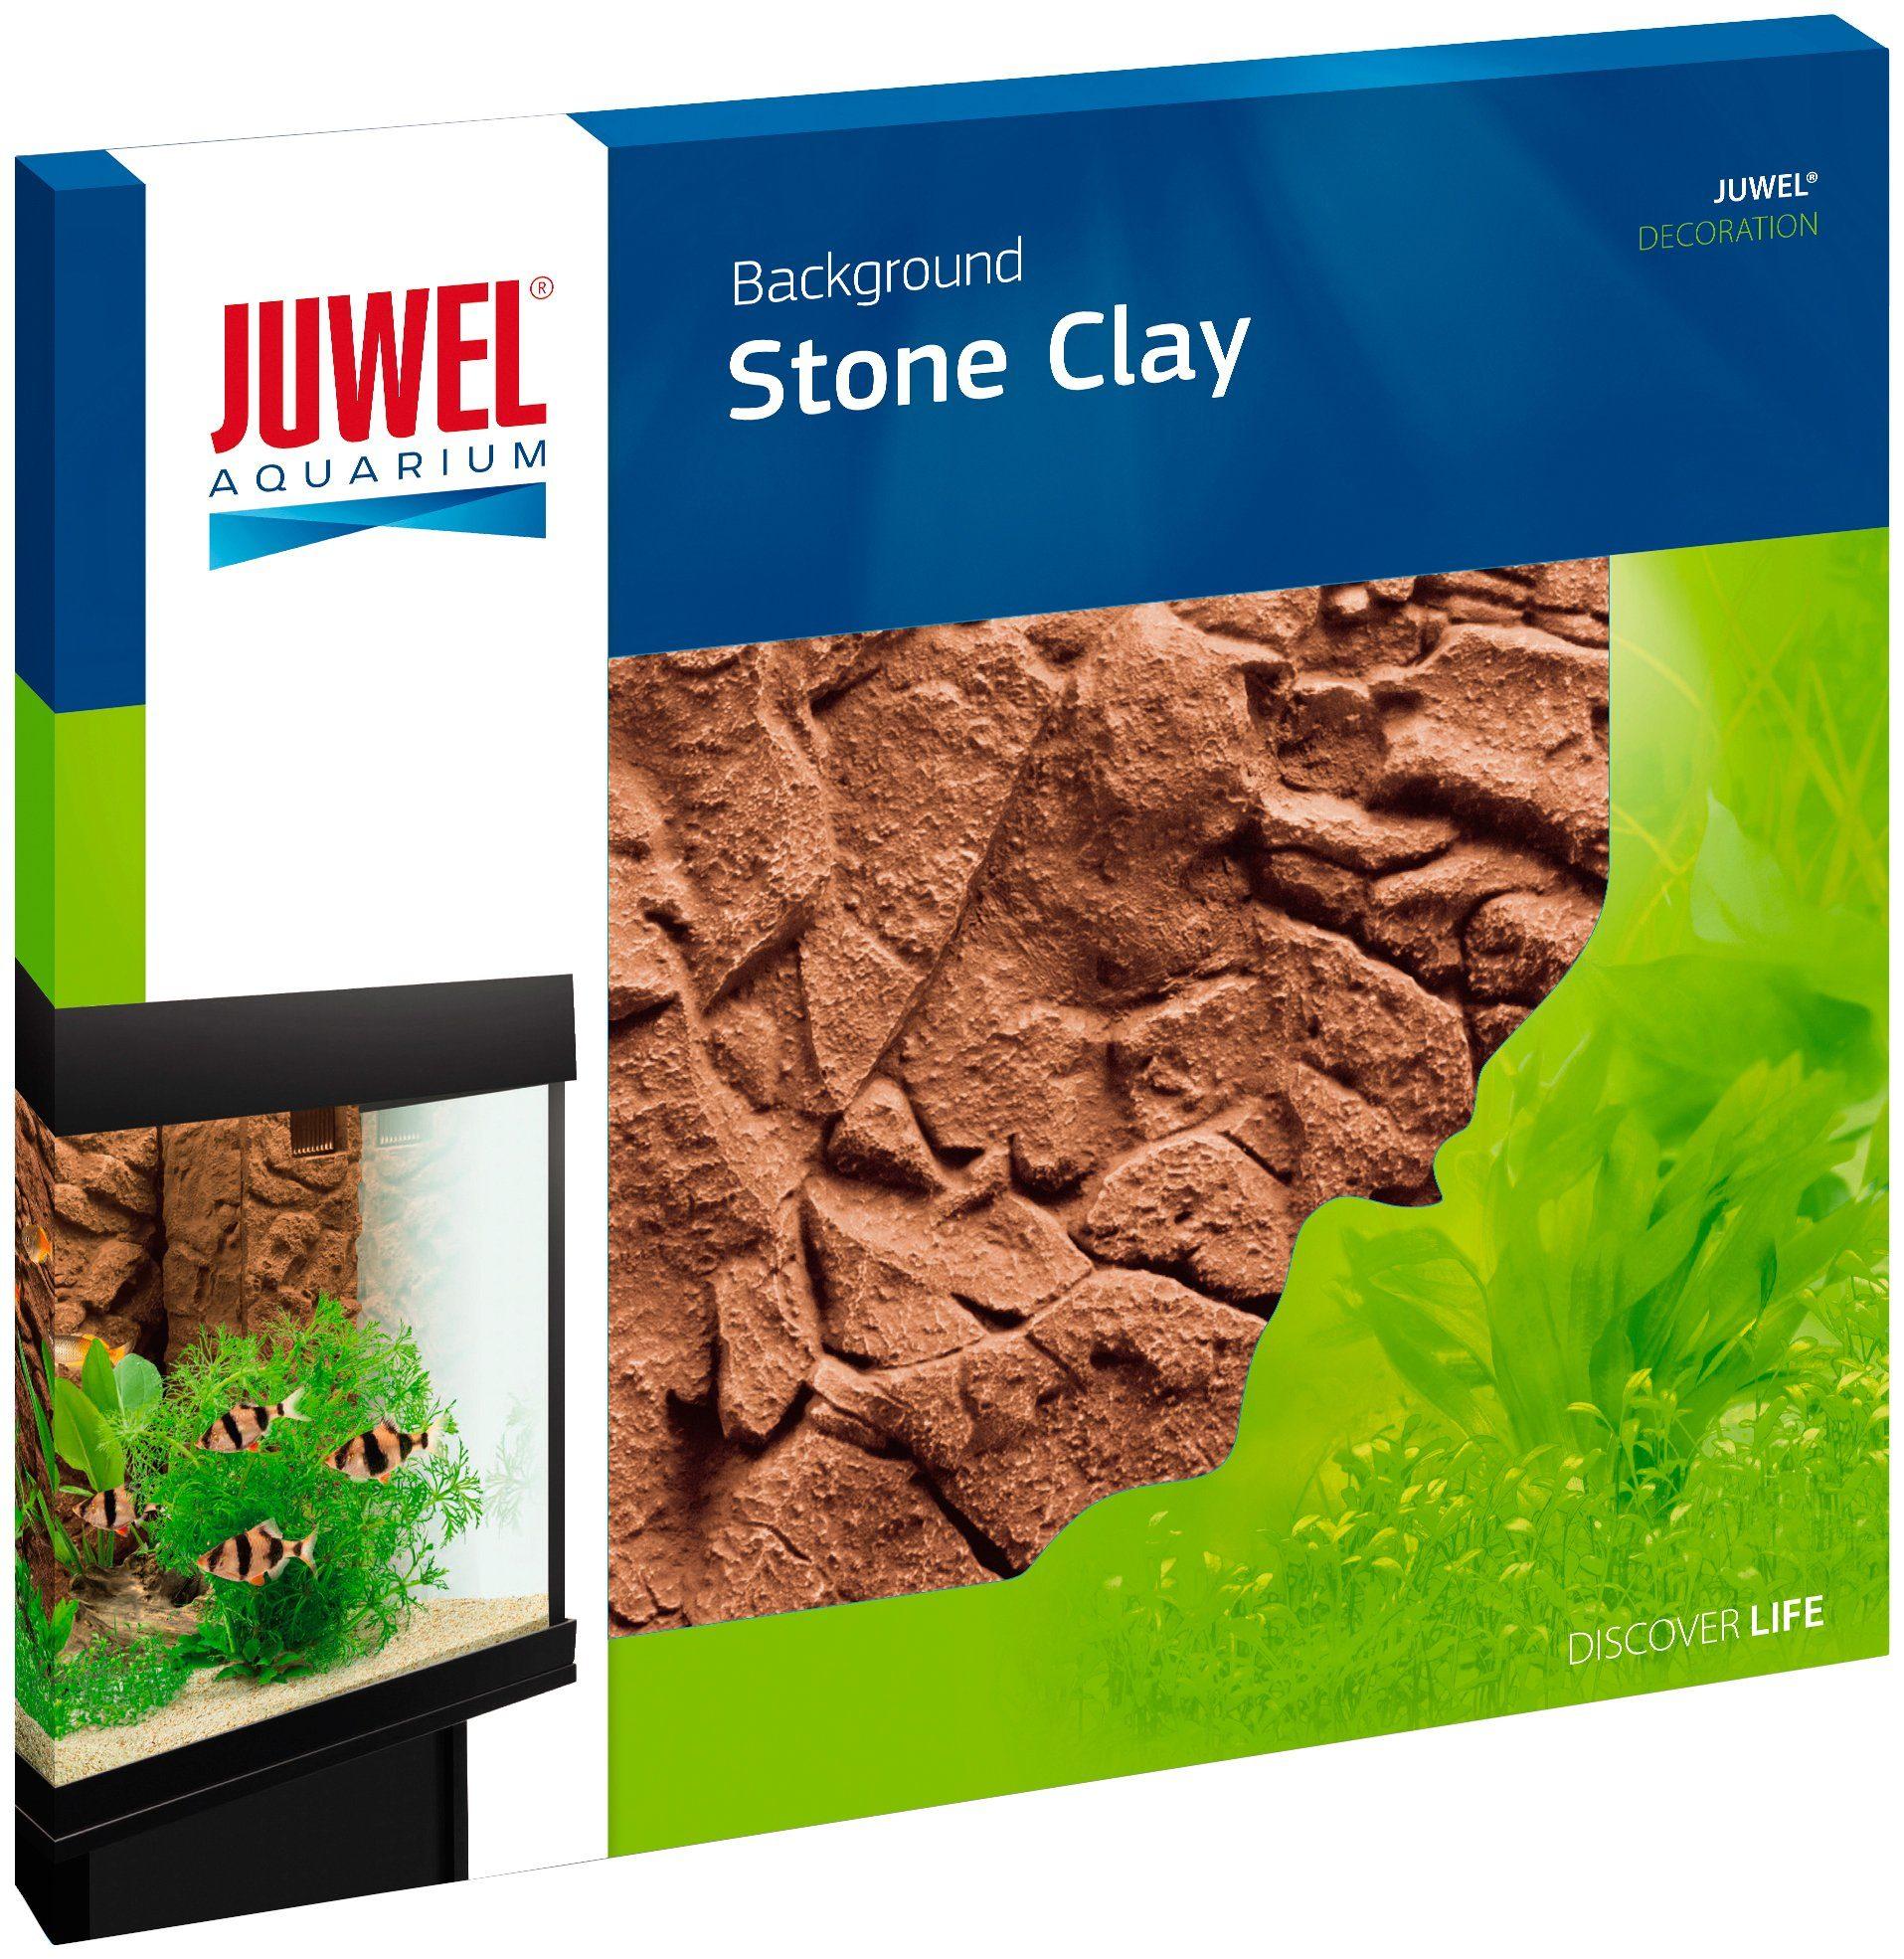 Aquariendeko »Rückwand Stone Clay«, lehmfarben